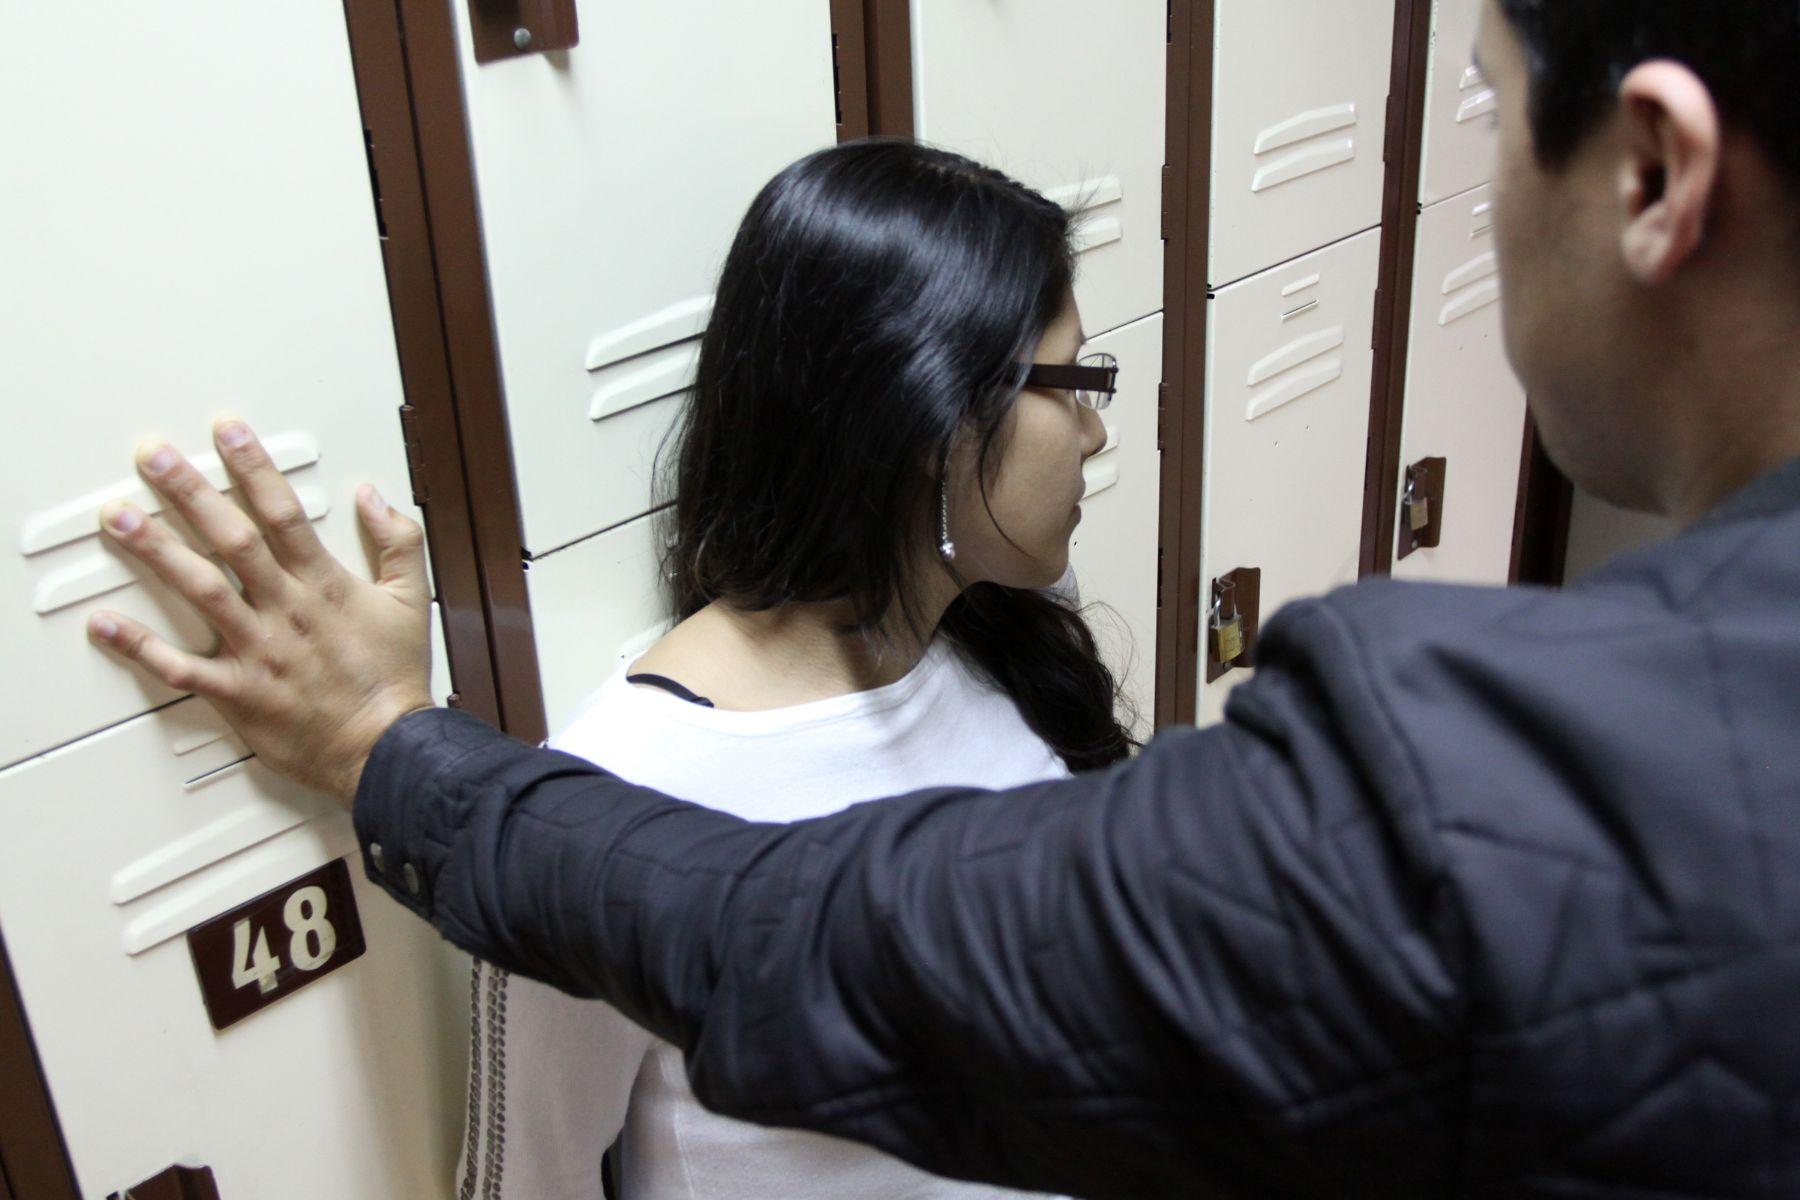 Los CEM y EIU brindaron atención social, psicológica y legal. Foto: ANDINA/Melina Mejía.